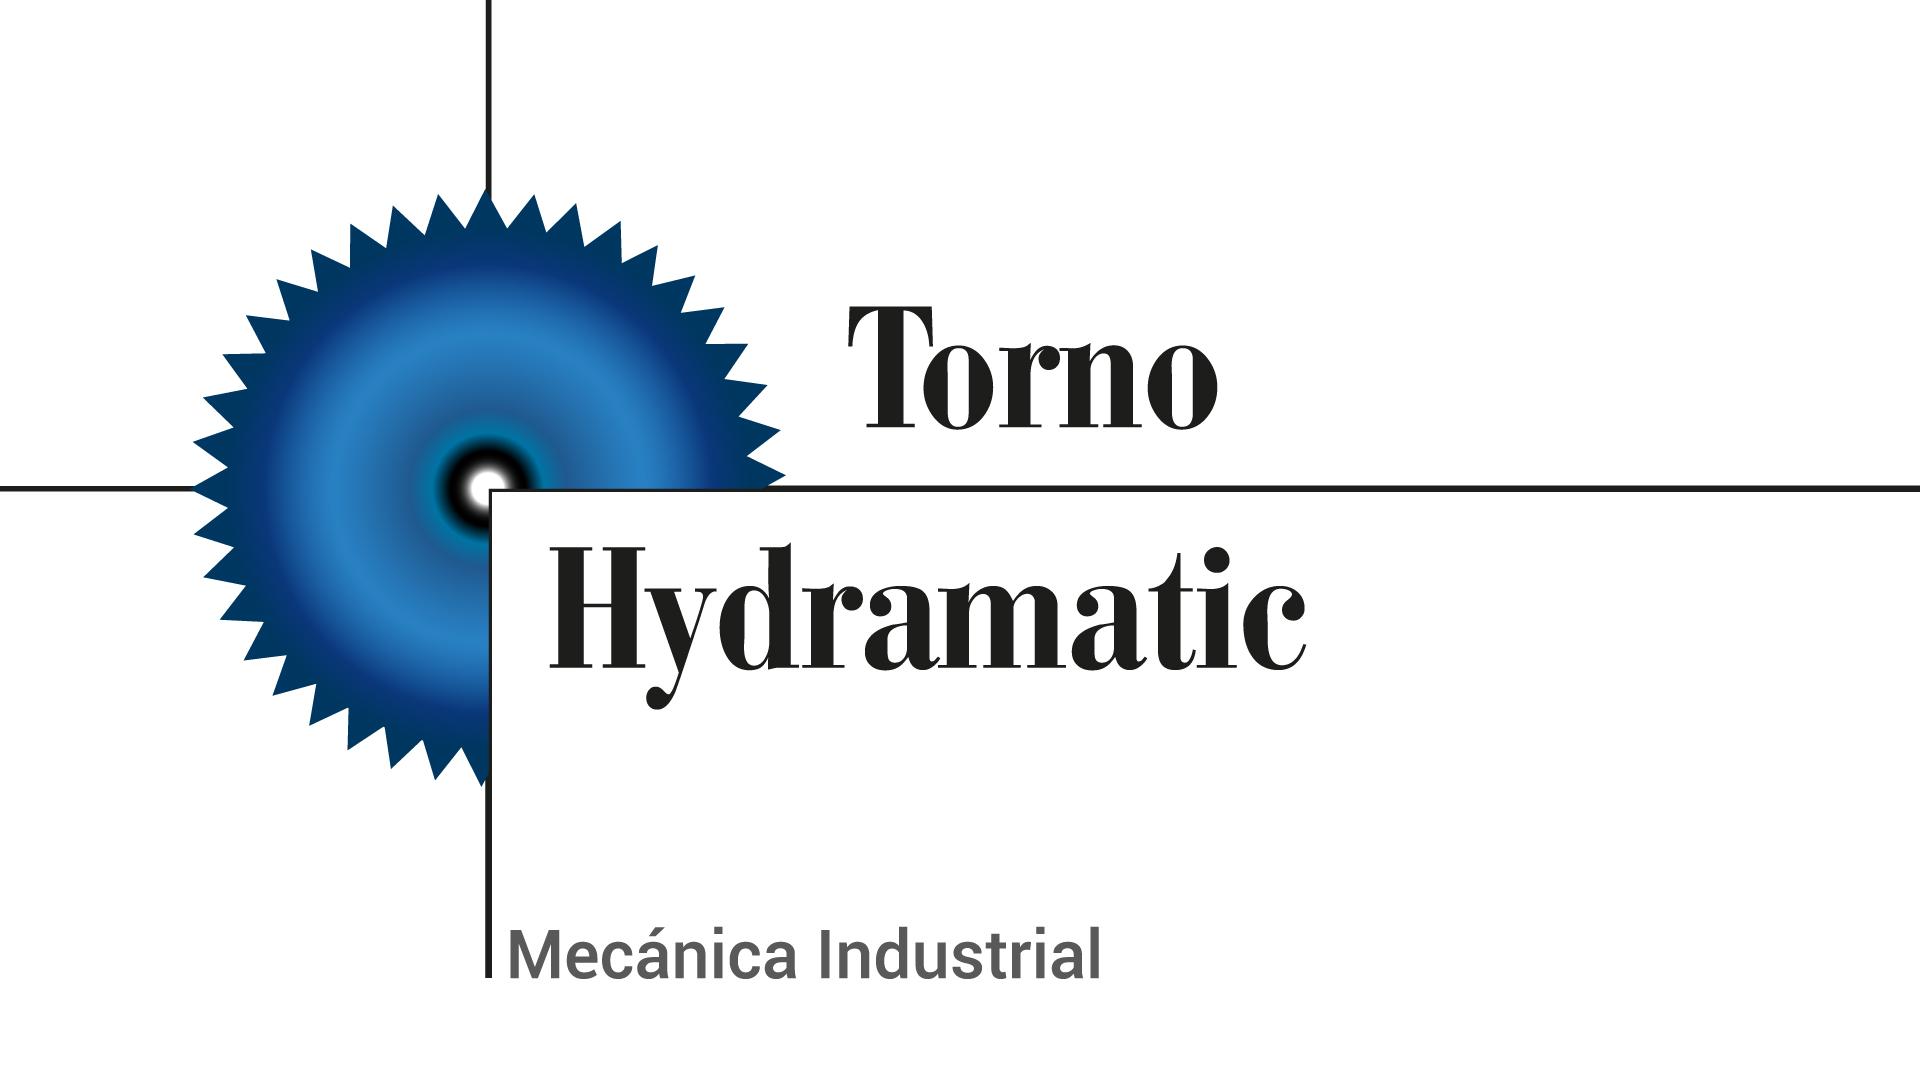 Torno Hydramatic